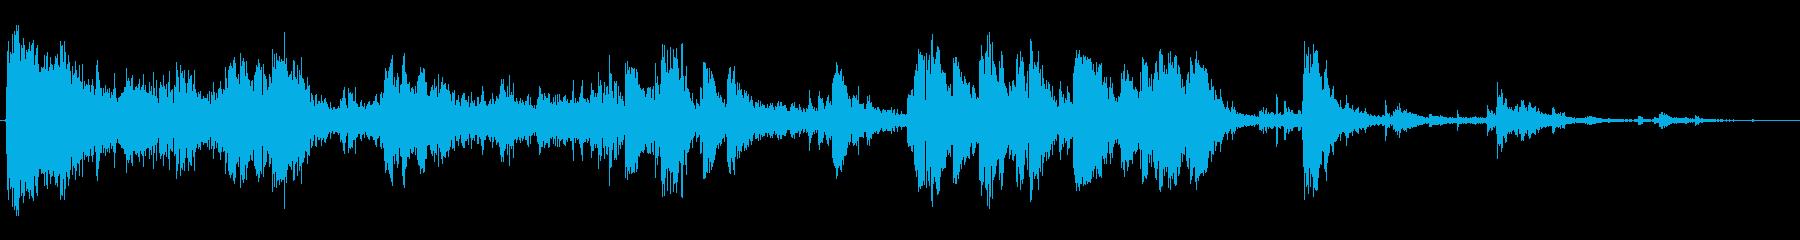 DEBRISとのジャンククラッシュ...の再生済みの波形